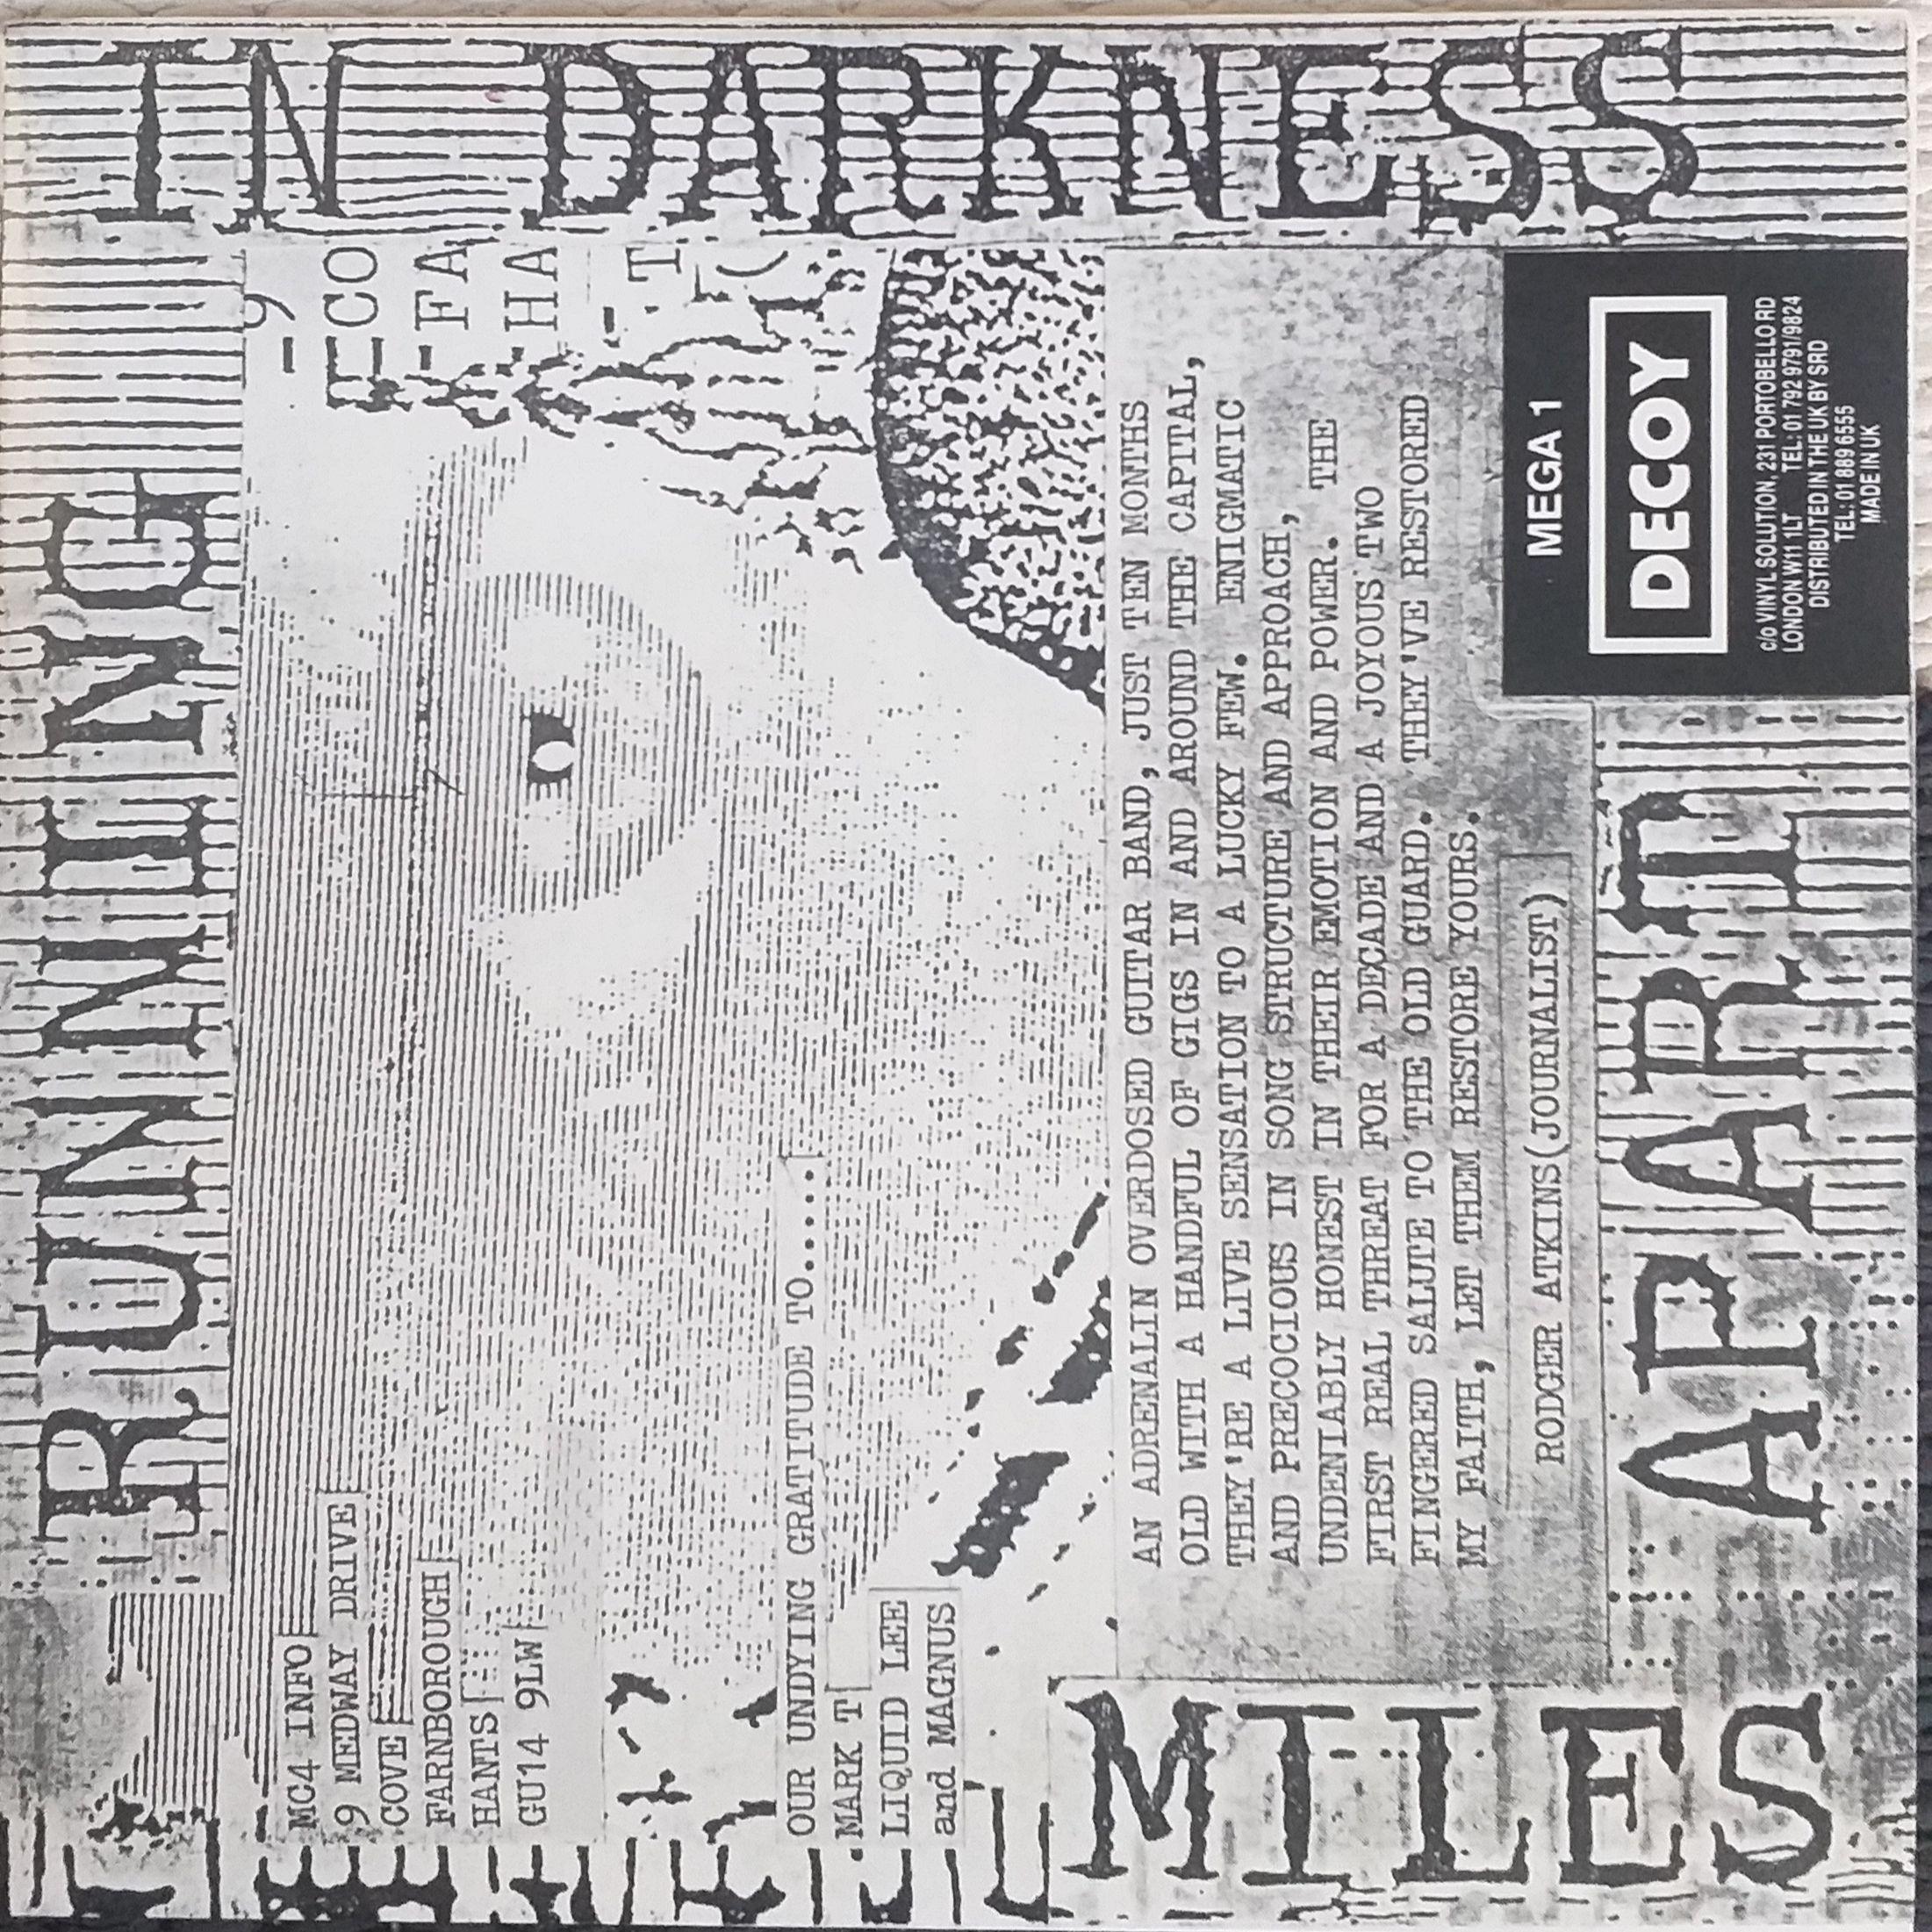 Mega city four Miles apart LP undefined